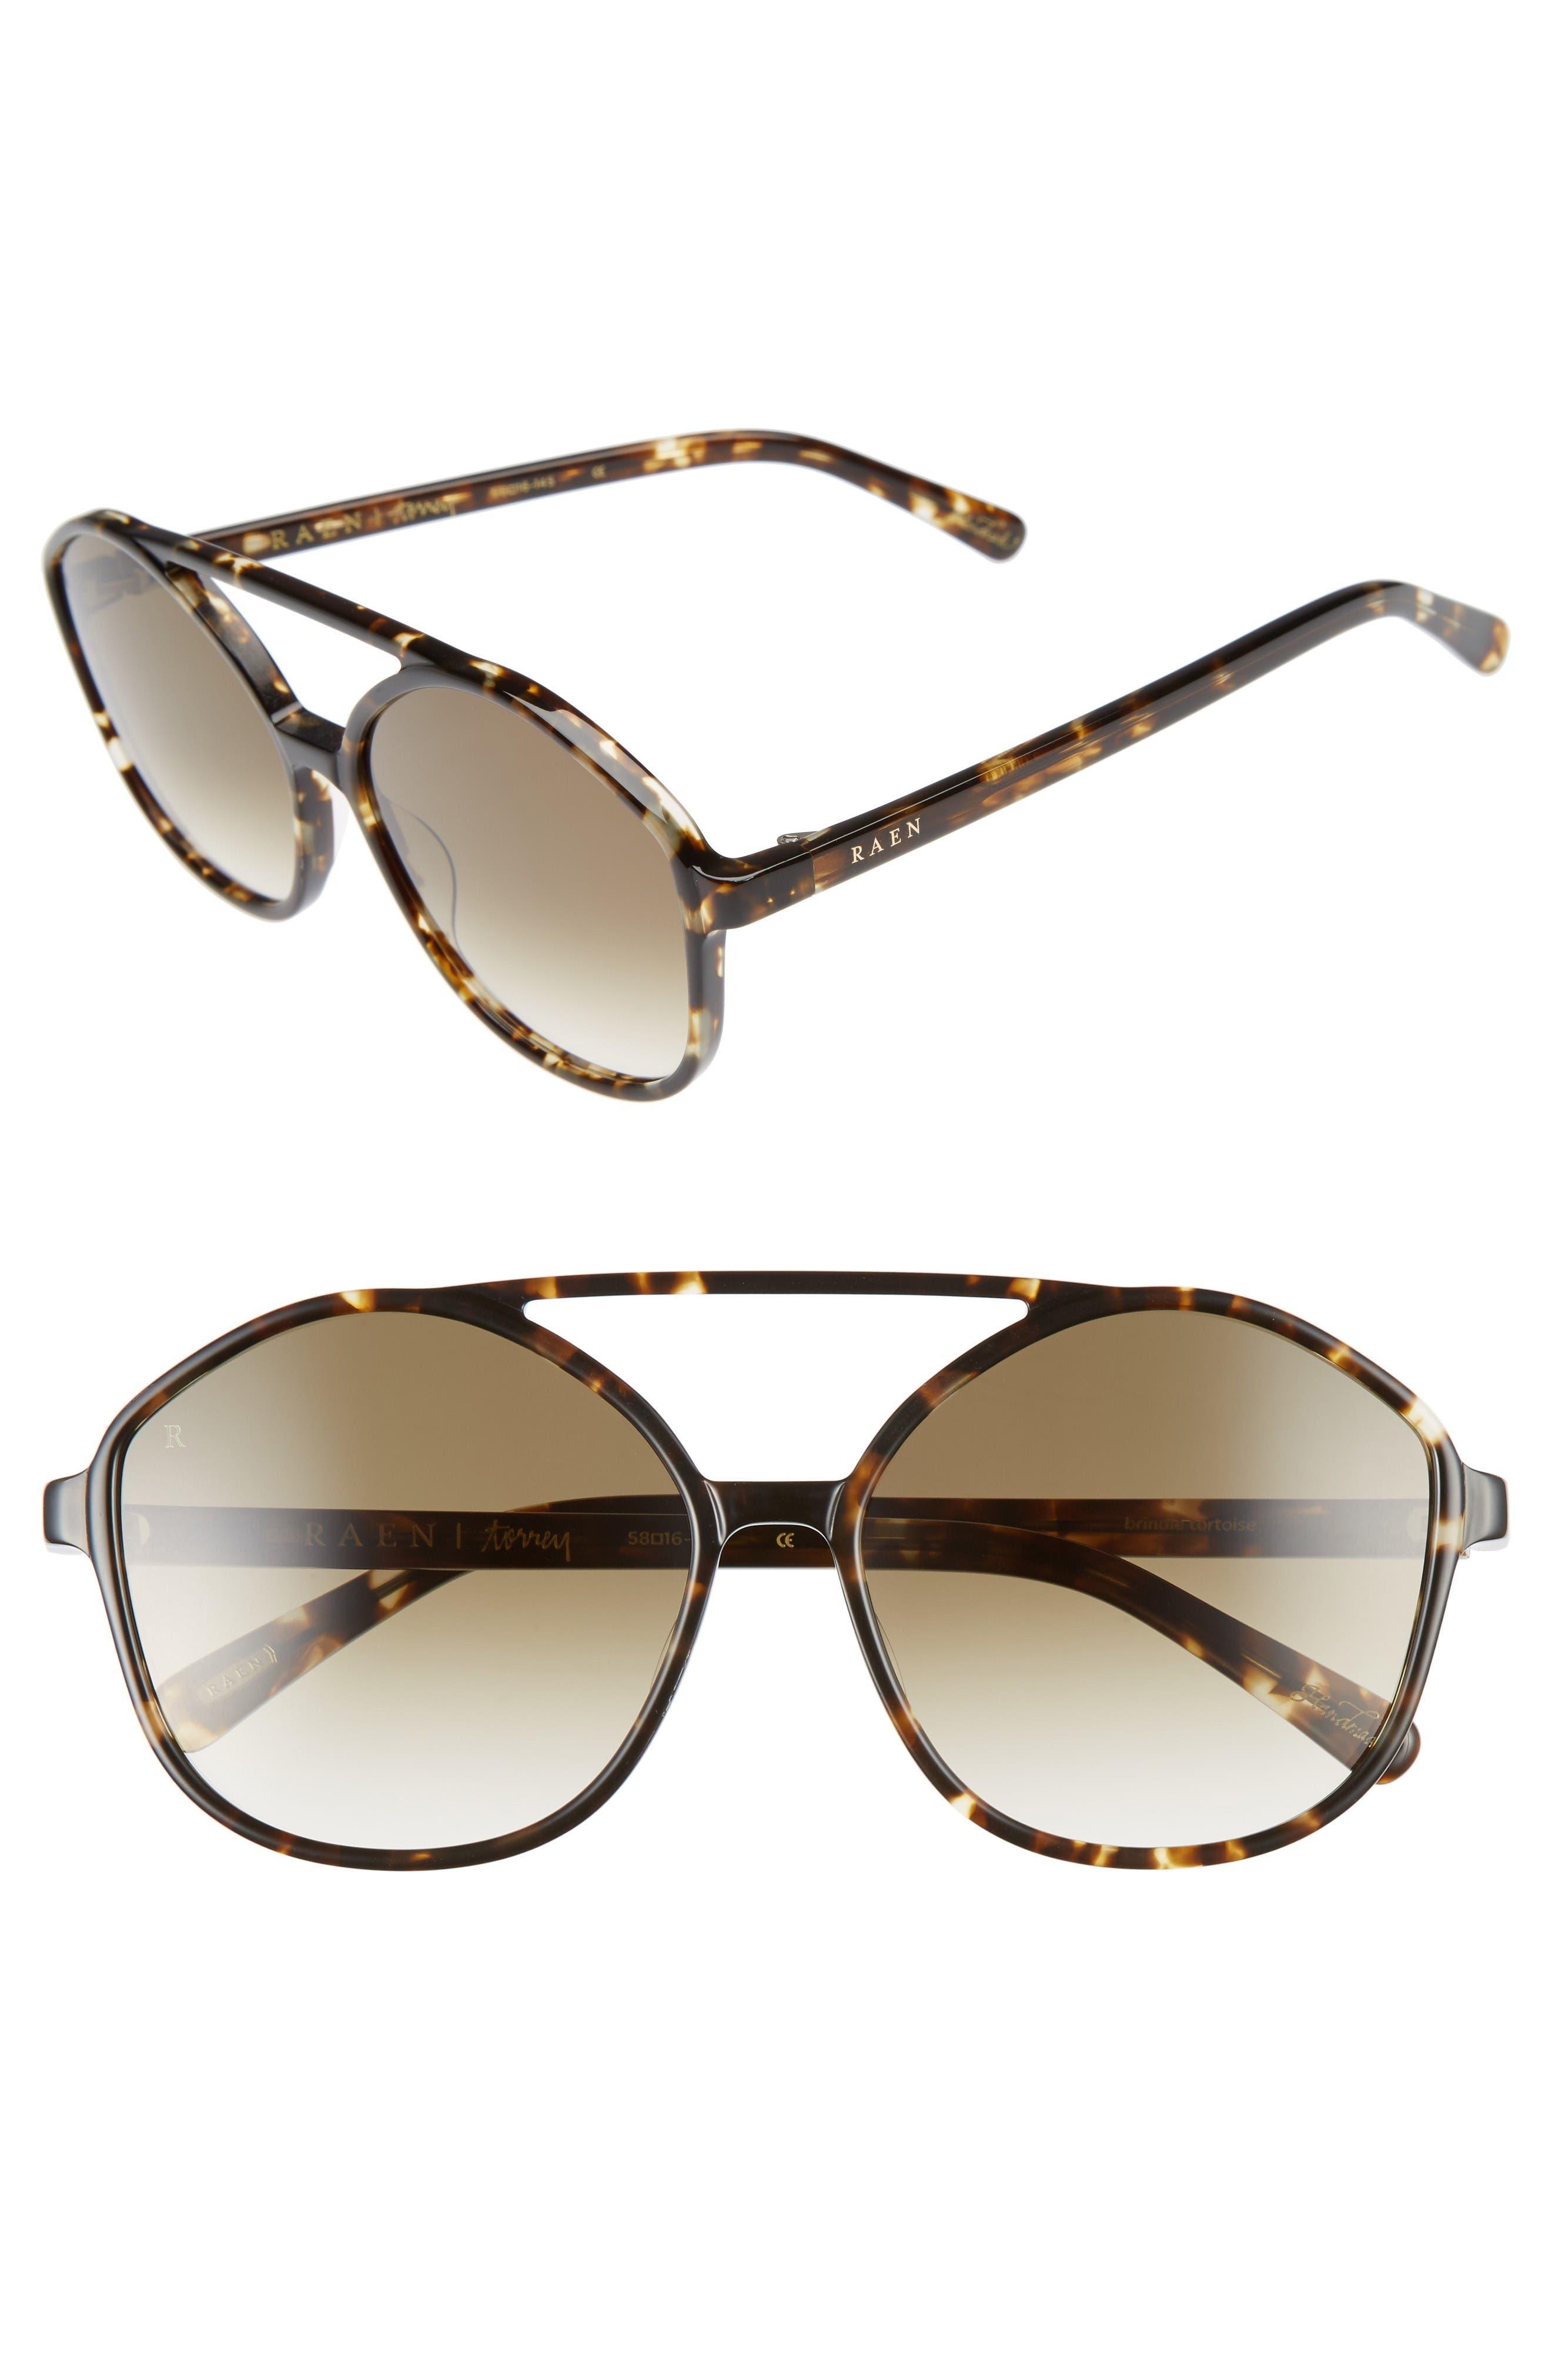 Main Image - RAEN Torrey 58mm Aviator Sunglasses